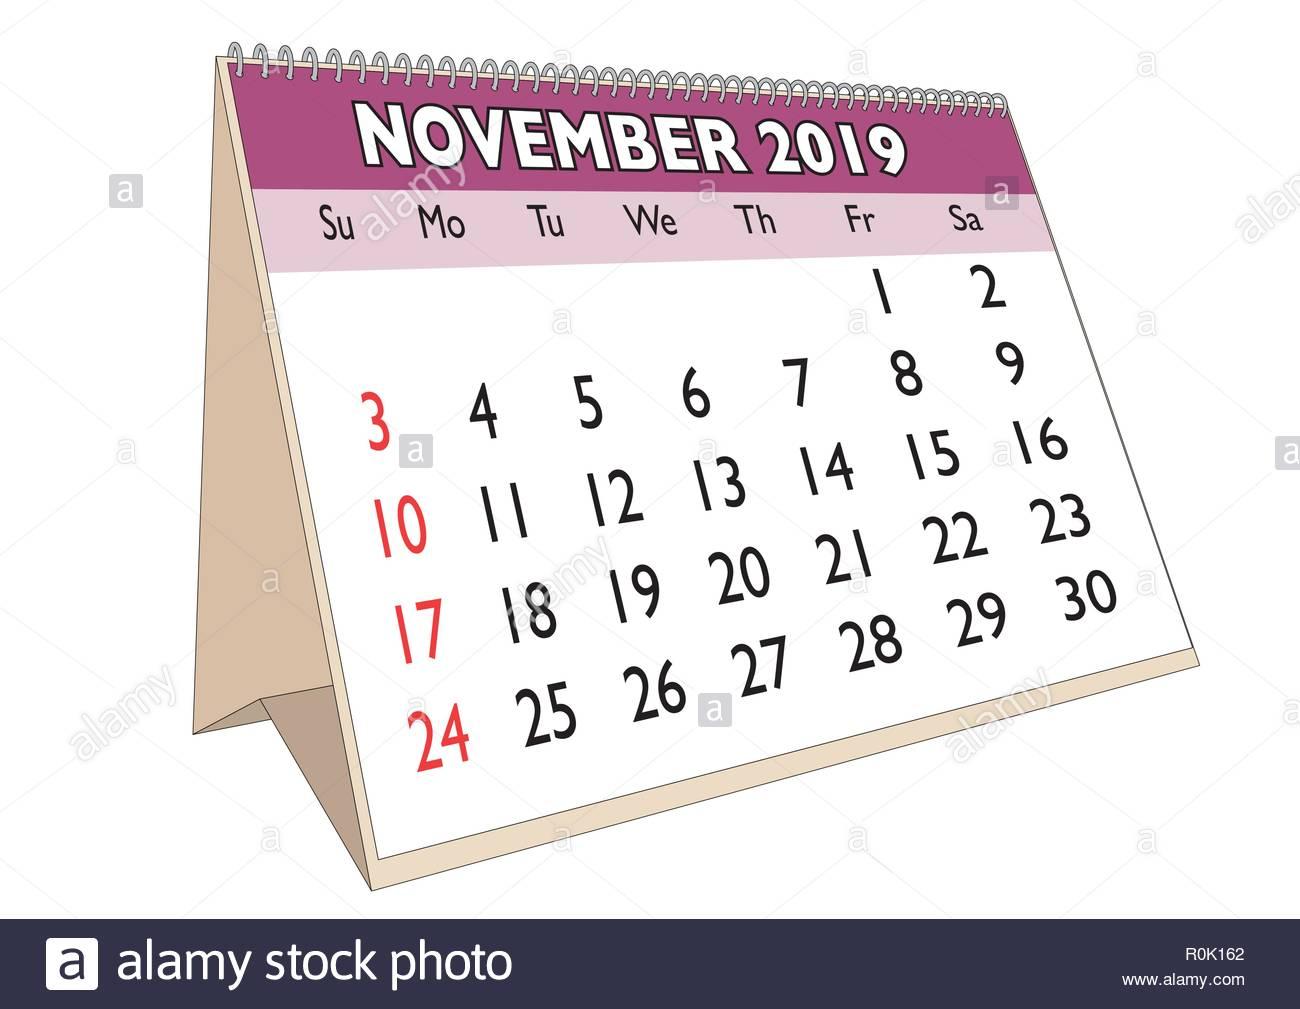 Calendrier Mois De Novembre 2019.Le Mois De Novembre 2019 Dans Un Calendrier De Bureau En